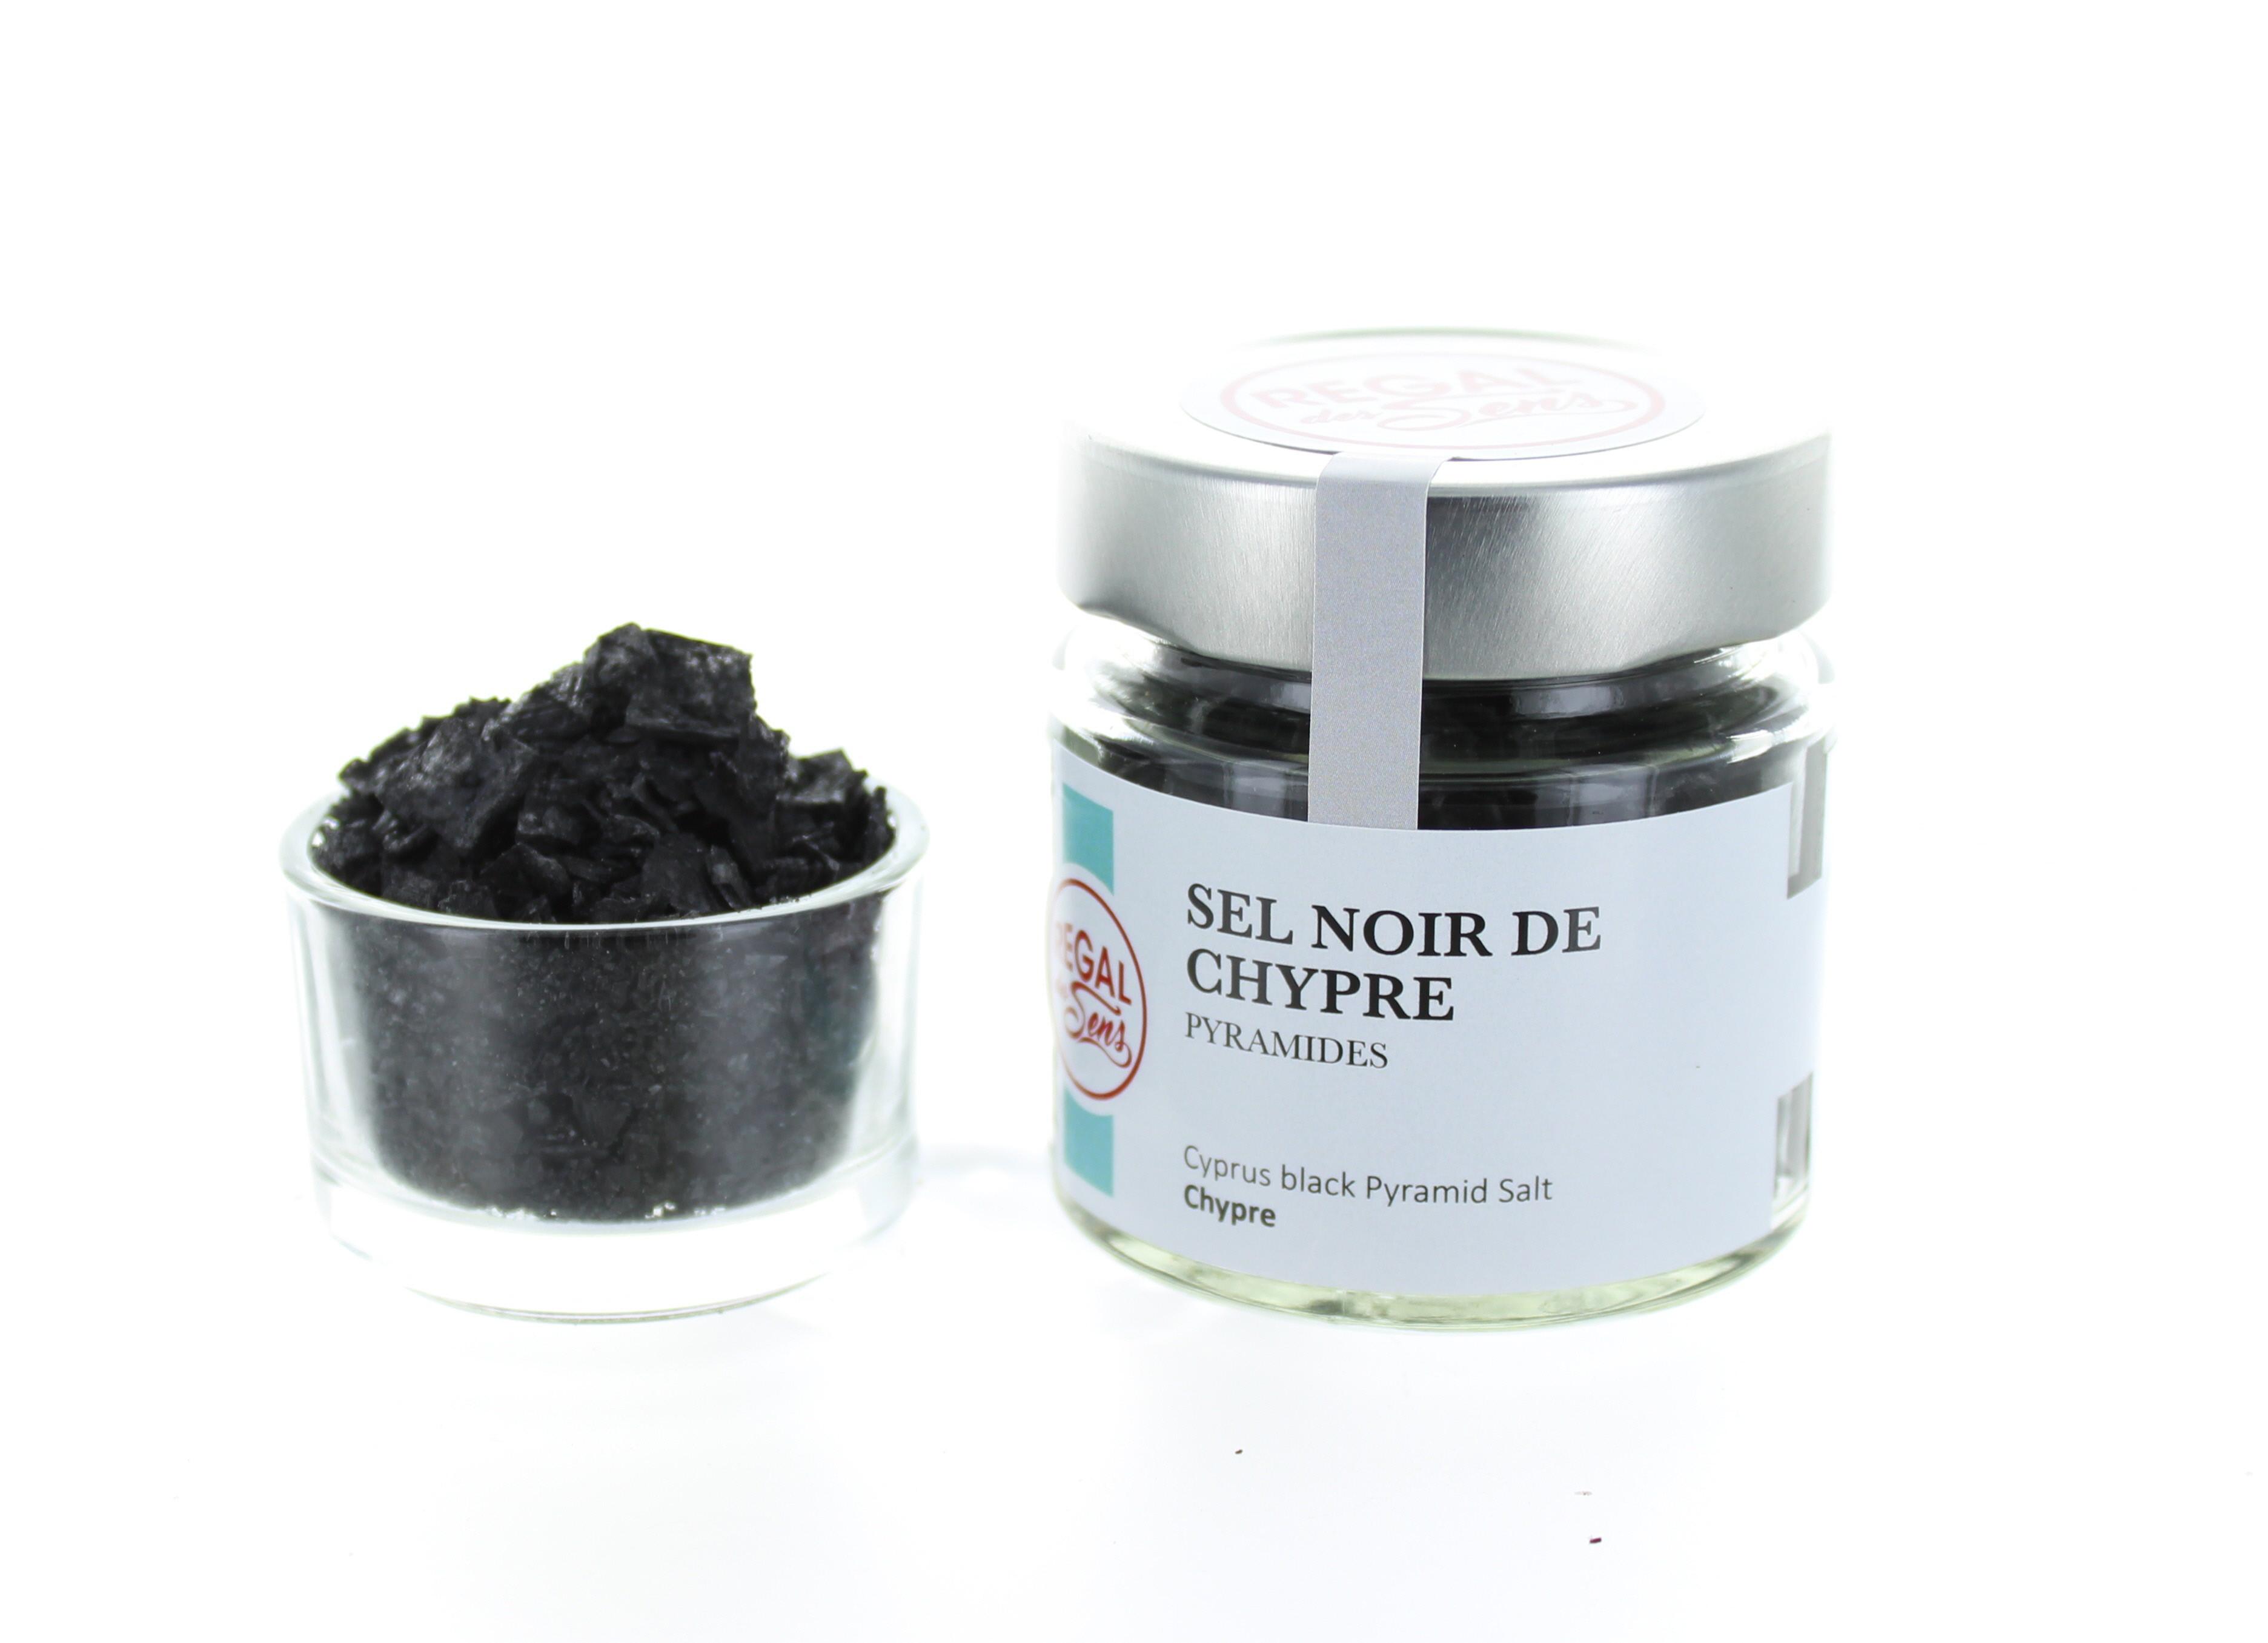 Sel noir de Chypre